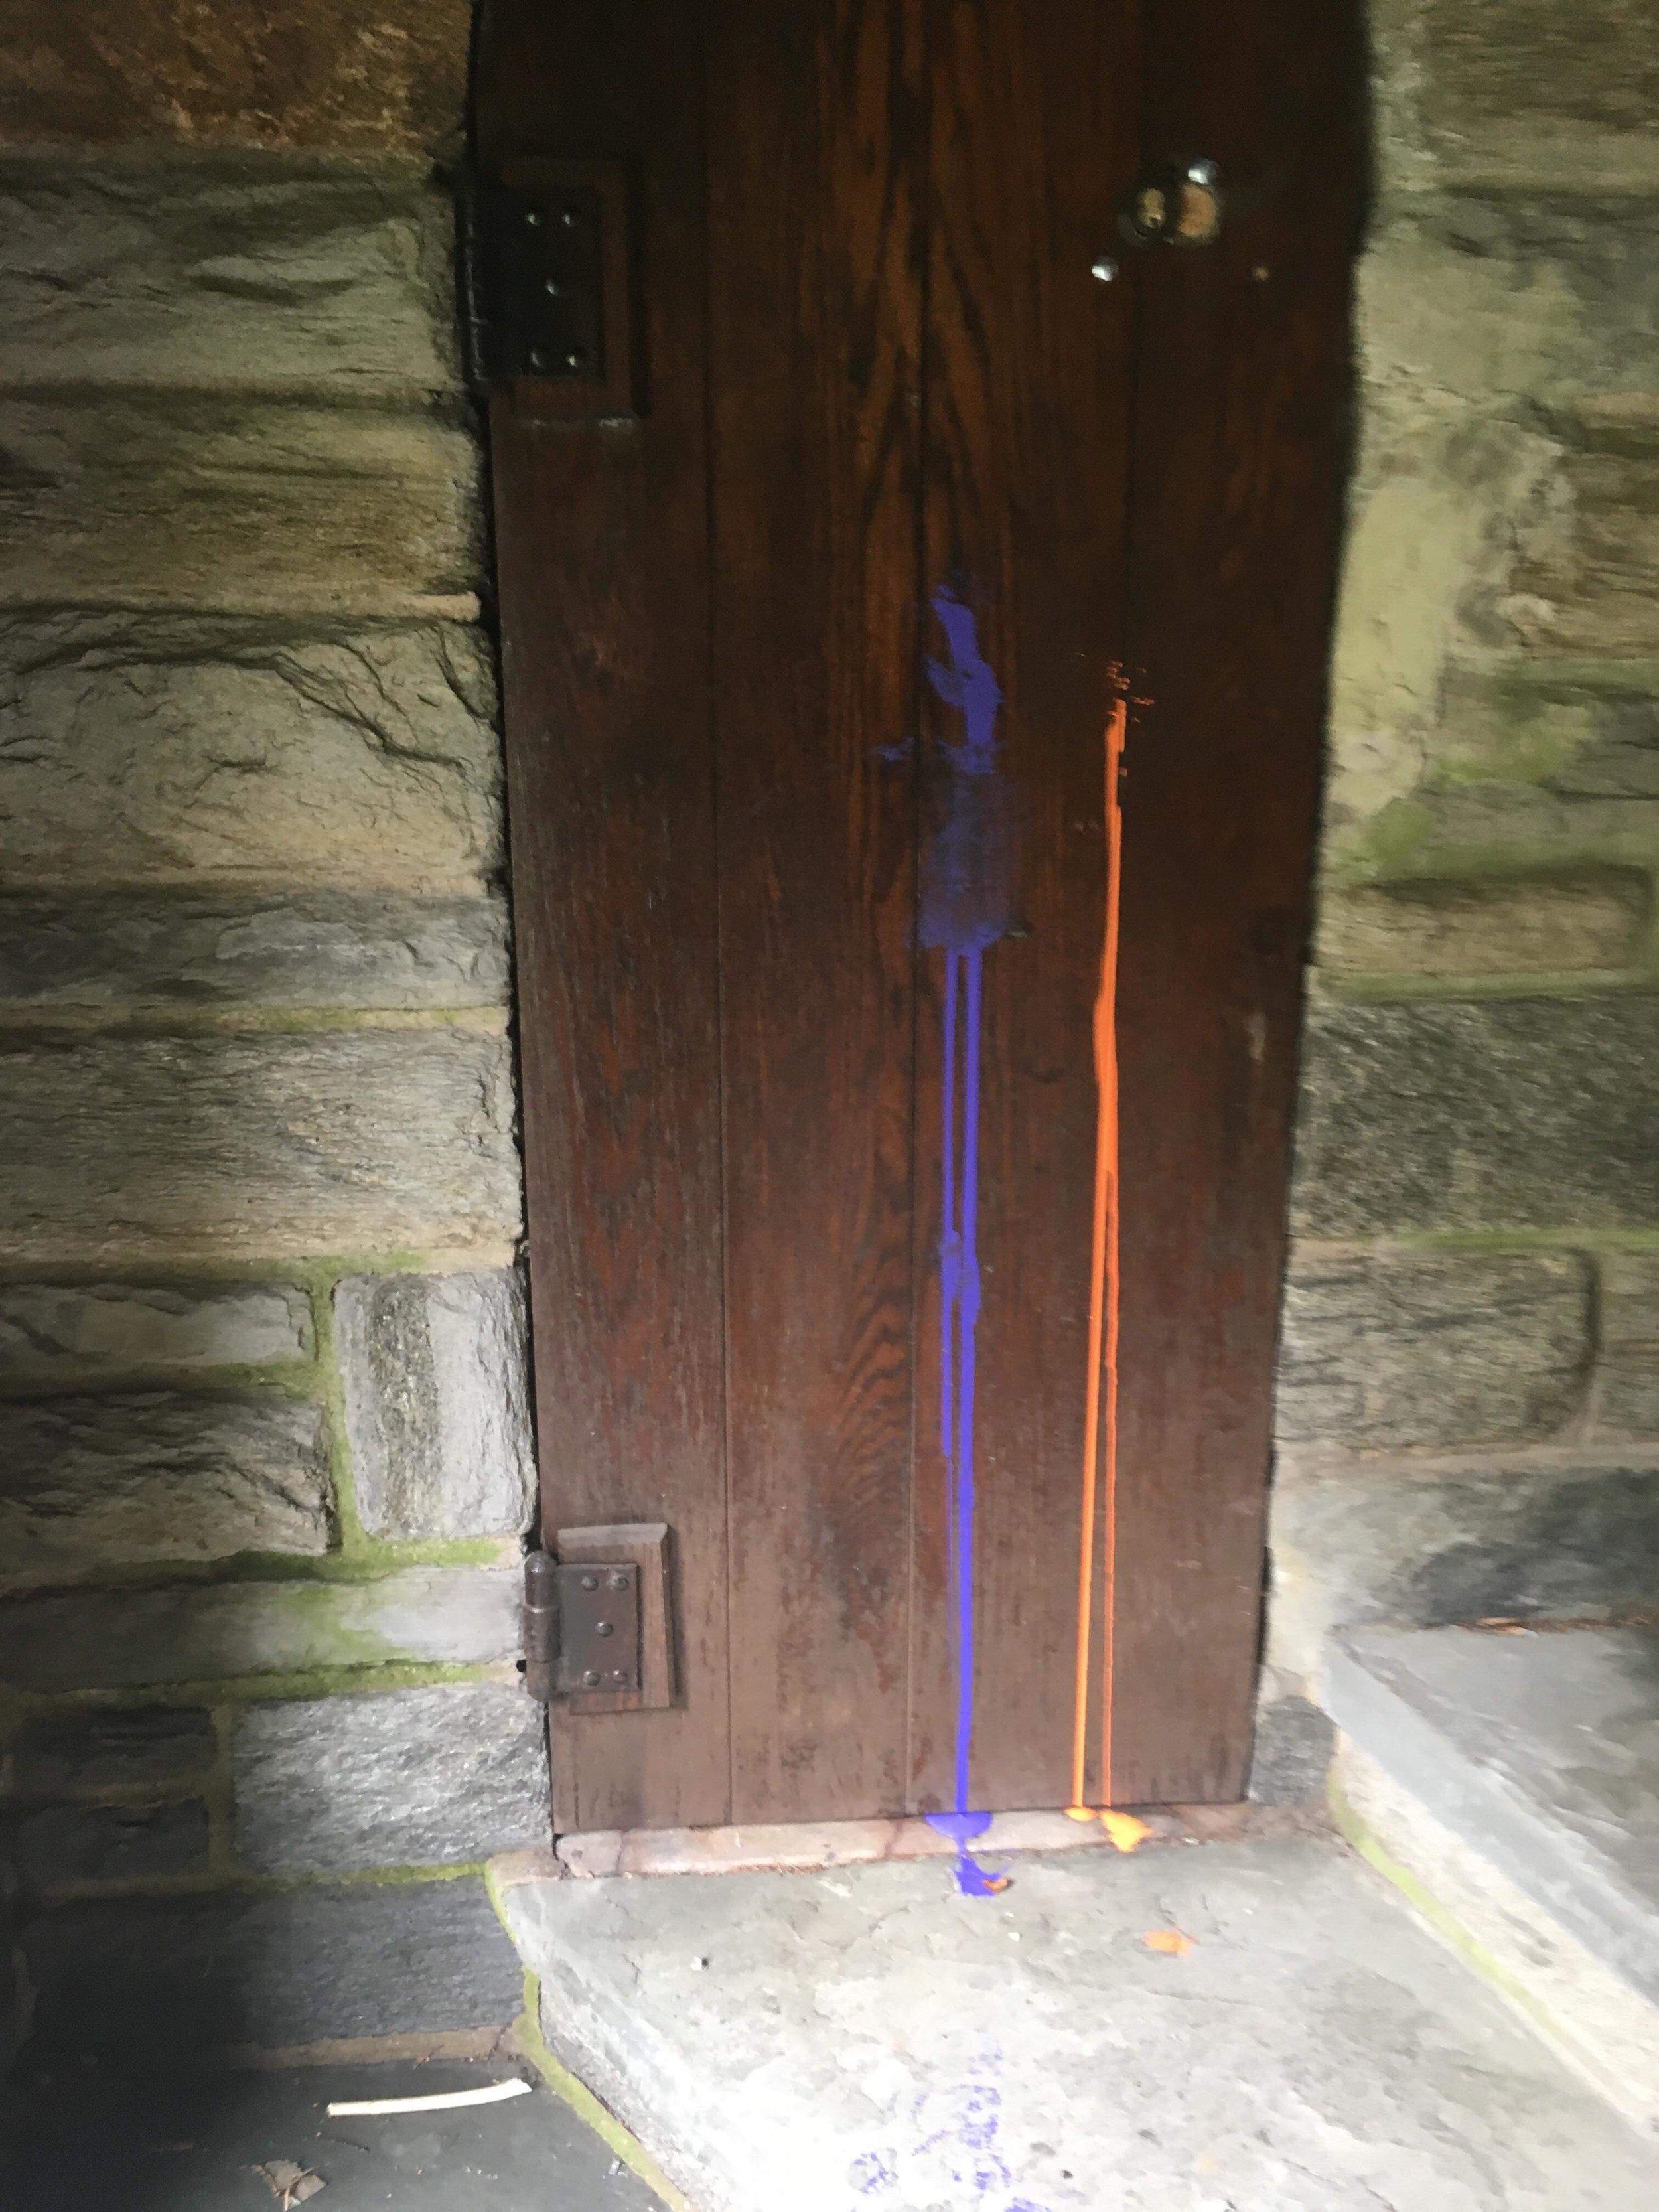 Paint on the Intercultural Center door